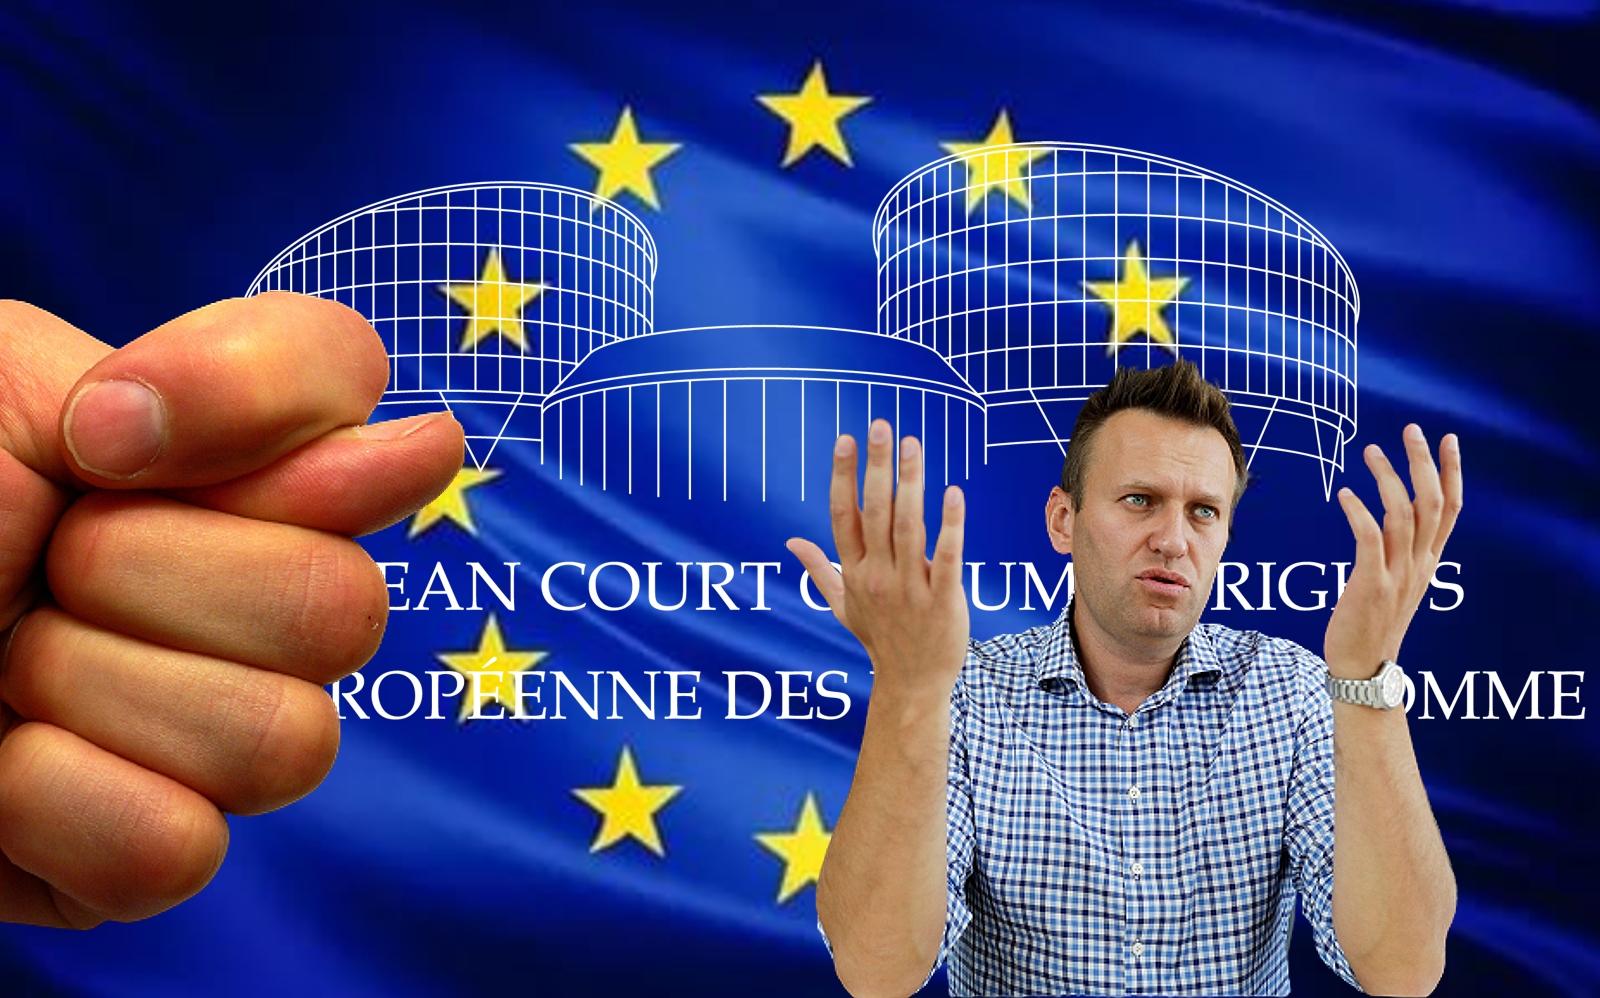 Фейк про «отмену» приговора Навального в ЕСПЧ всплыл в суде